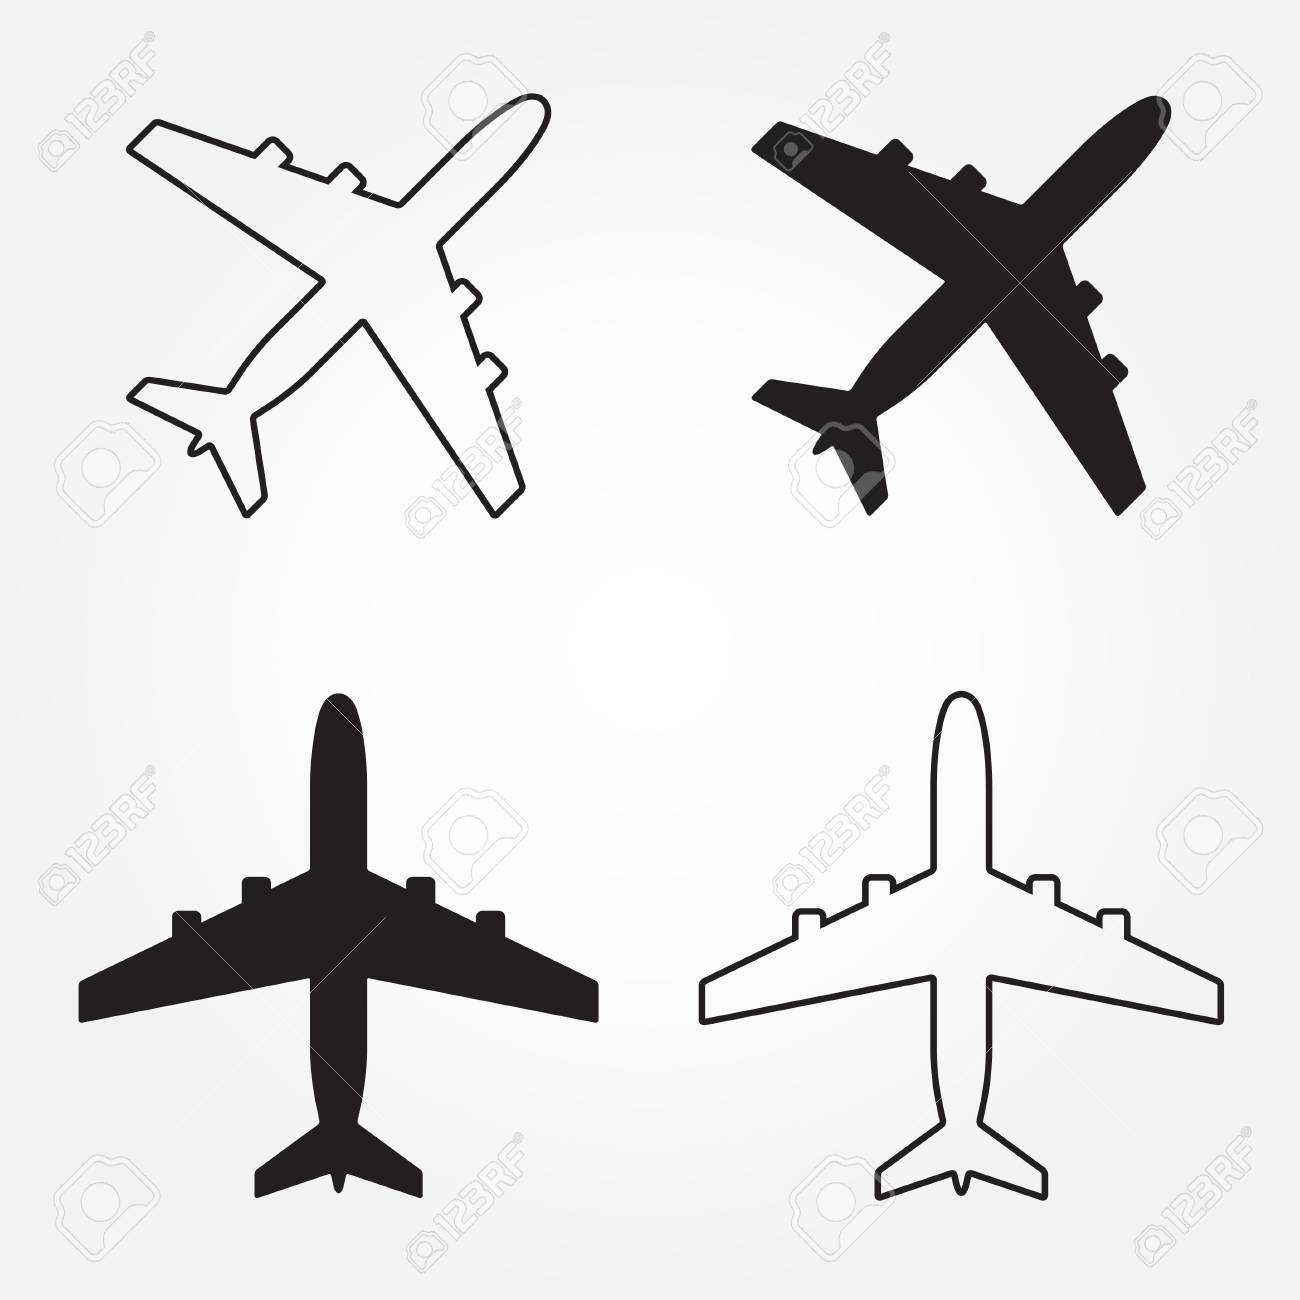 Nett Flugzeug Vorlage Ausschneiden Galerie - Druckbare Malvorlagen ...